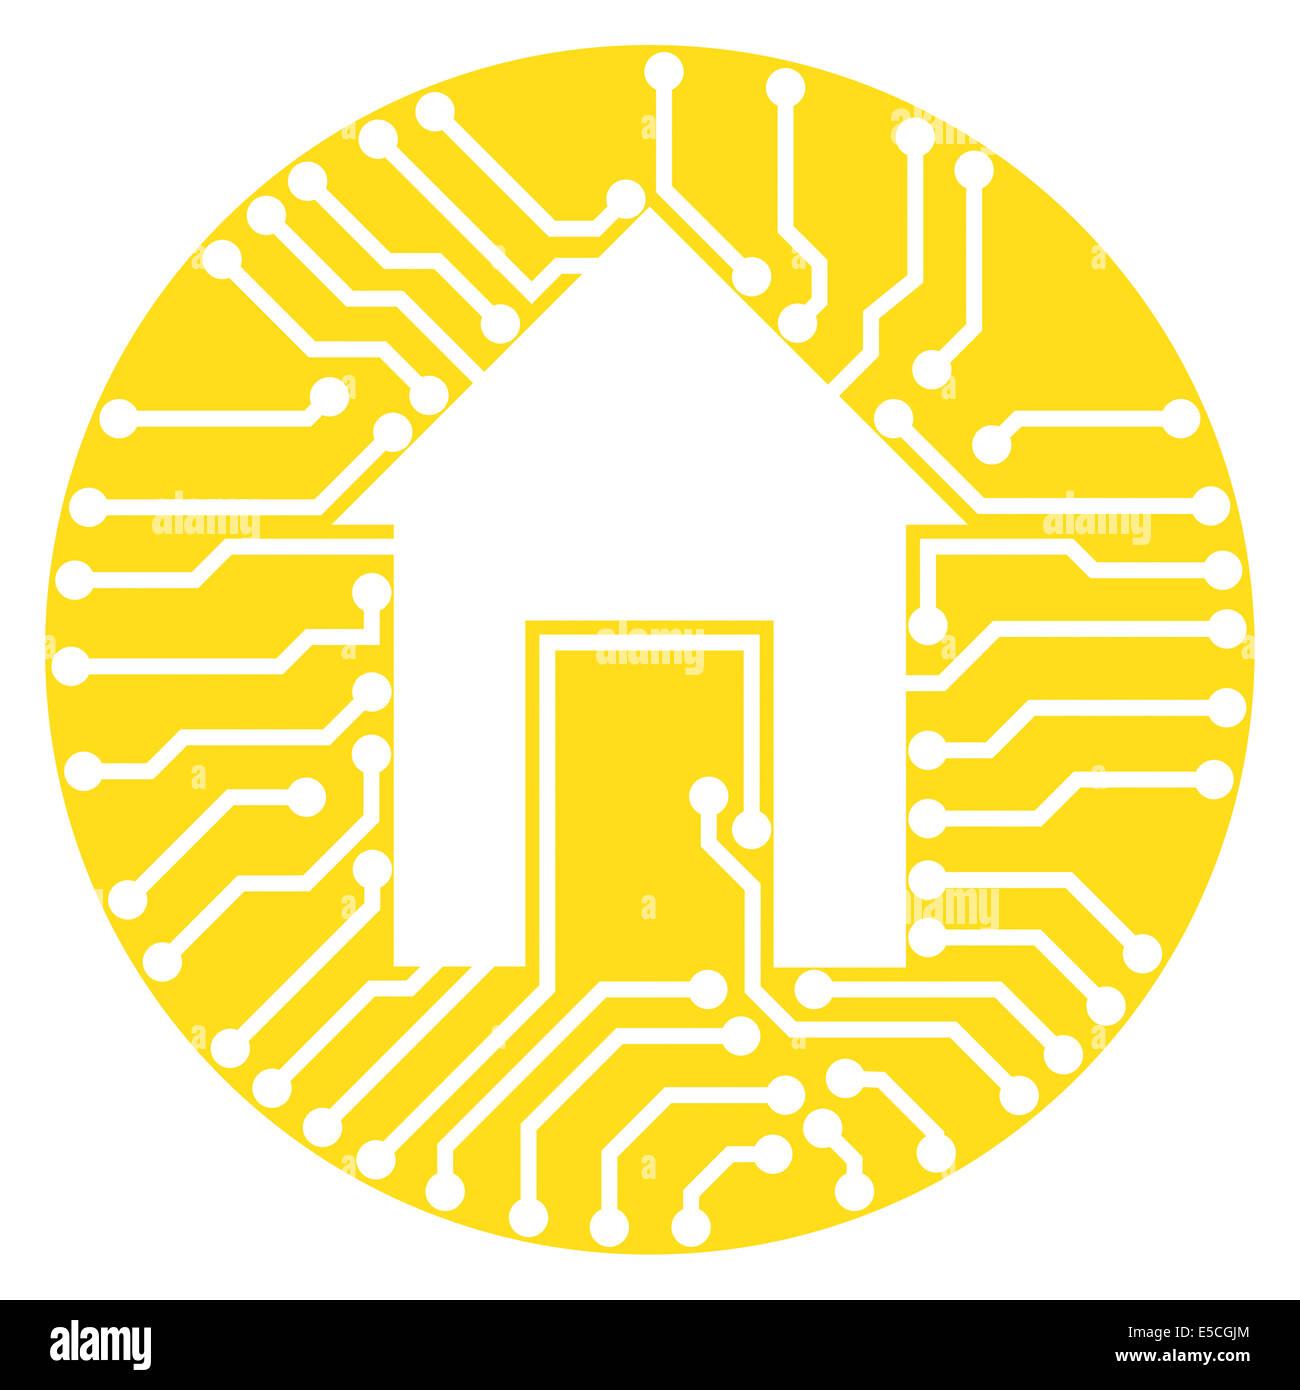 Connecté symbole accueil illustration conceptuelle des circuits avec un symbole de la chambre à l'intérieur Photo Stock